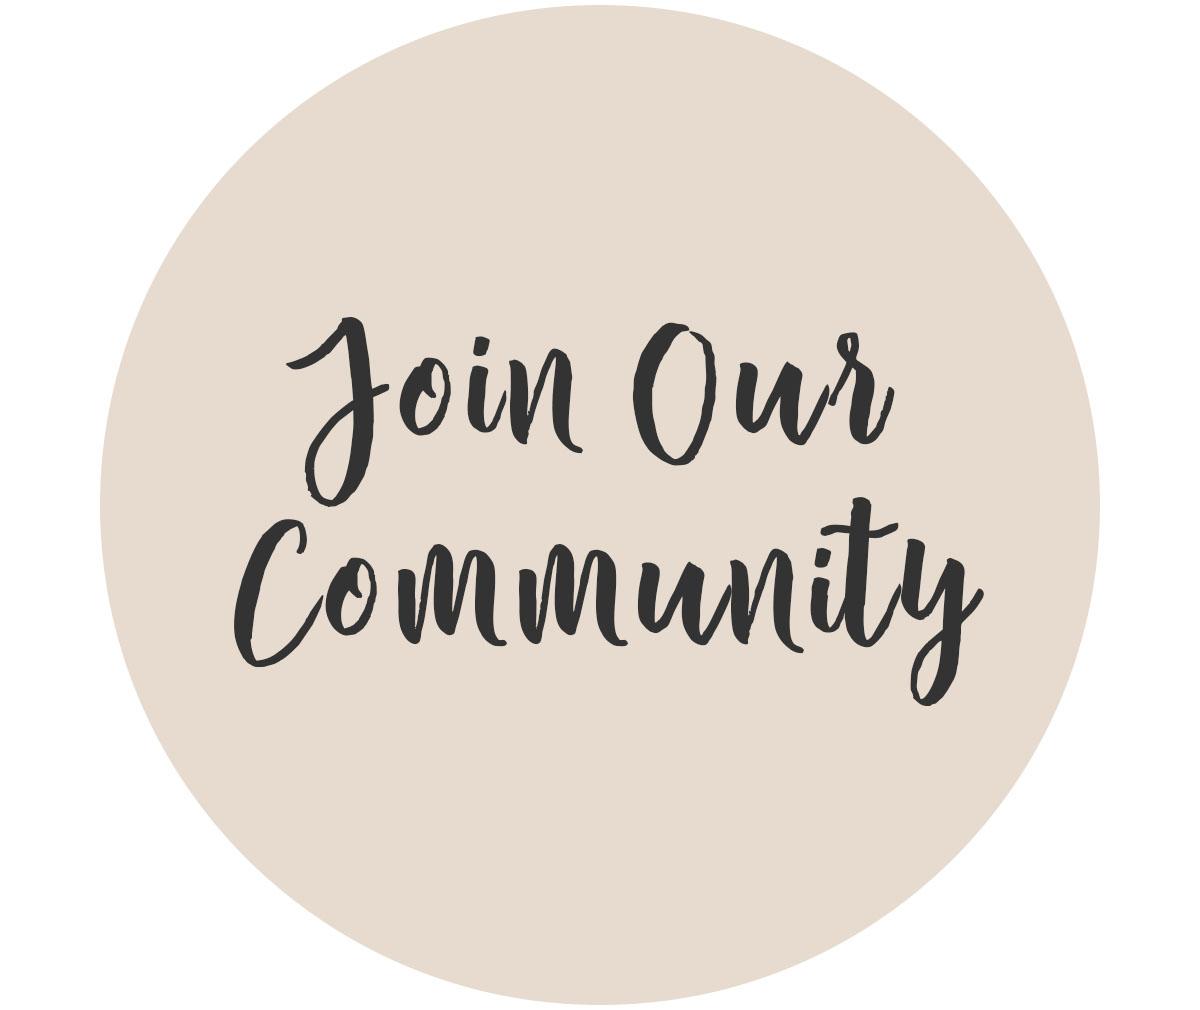 joincommunity.jpg